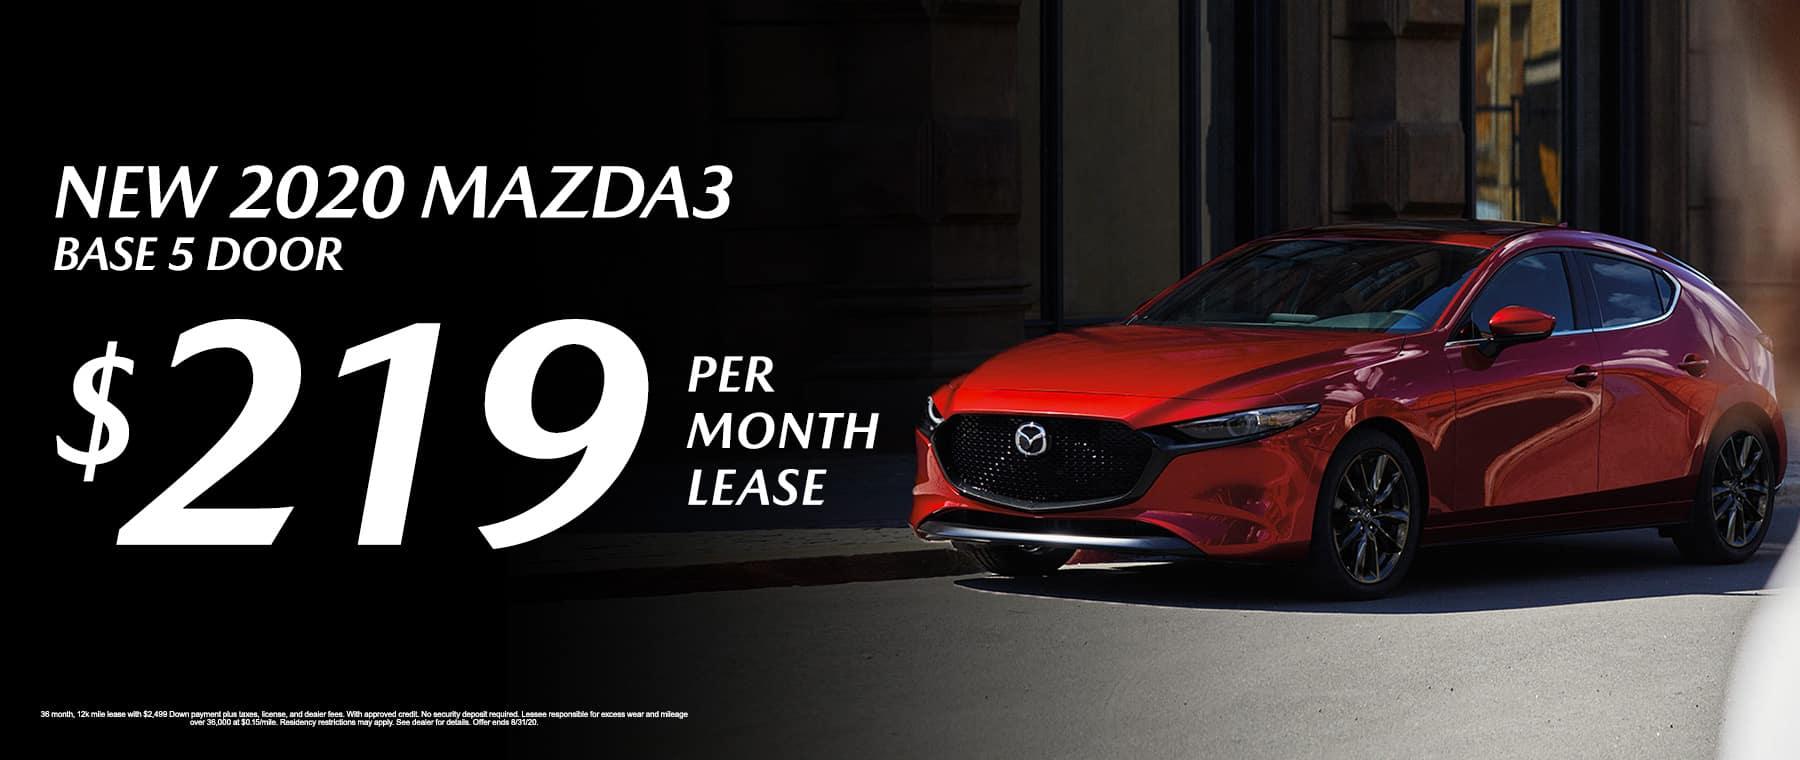 New 2020 Mazda3 Base 5 door